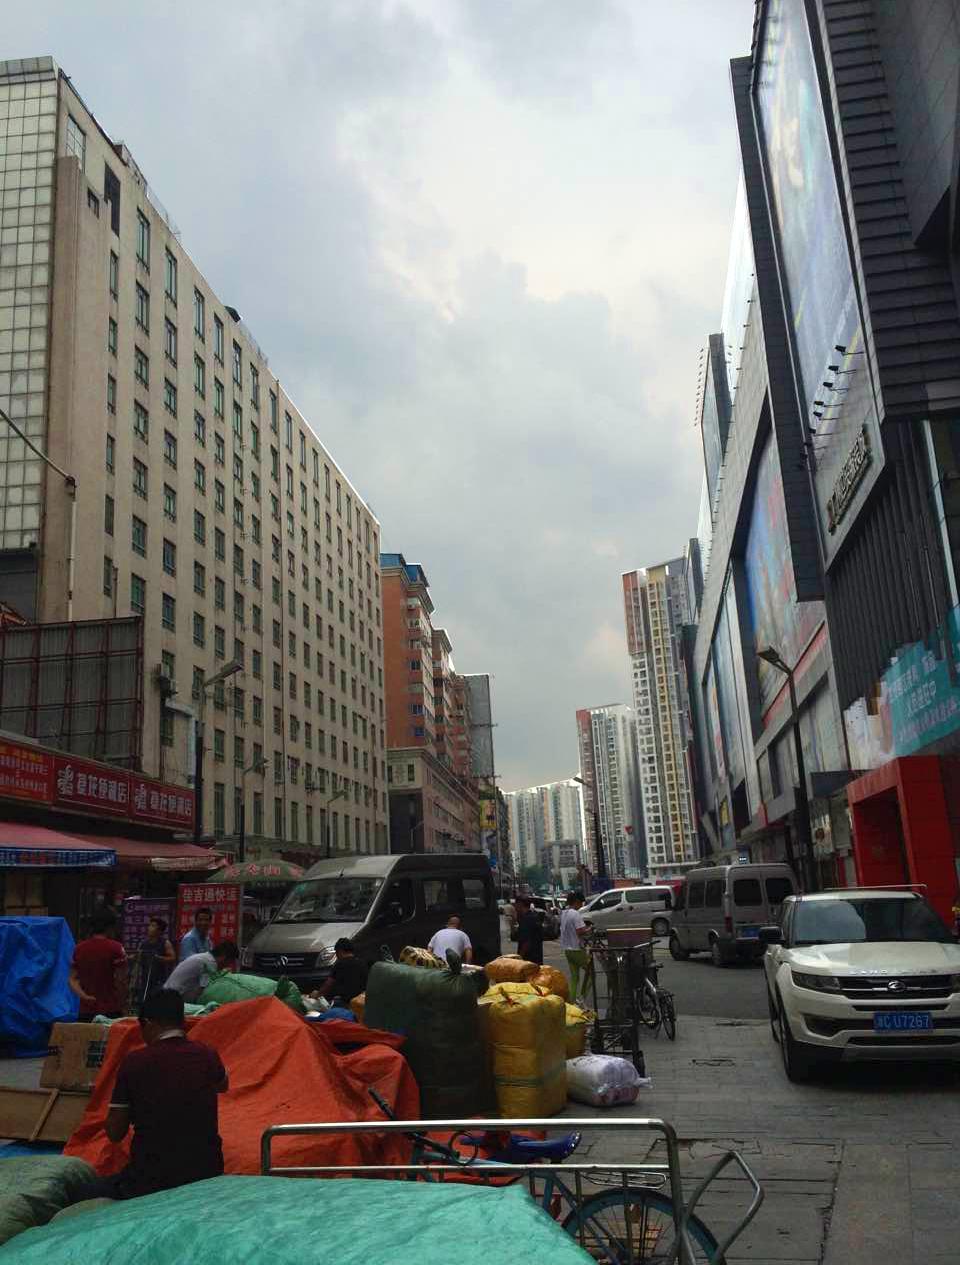 UTEC_Guangzhou (3)_2